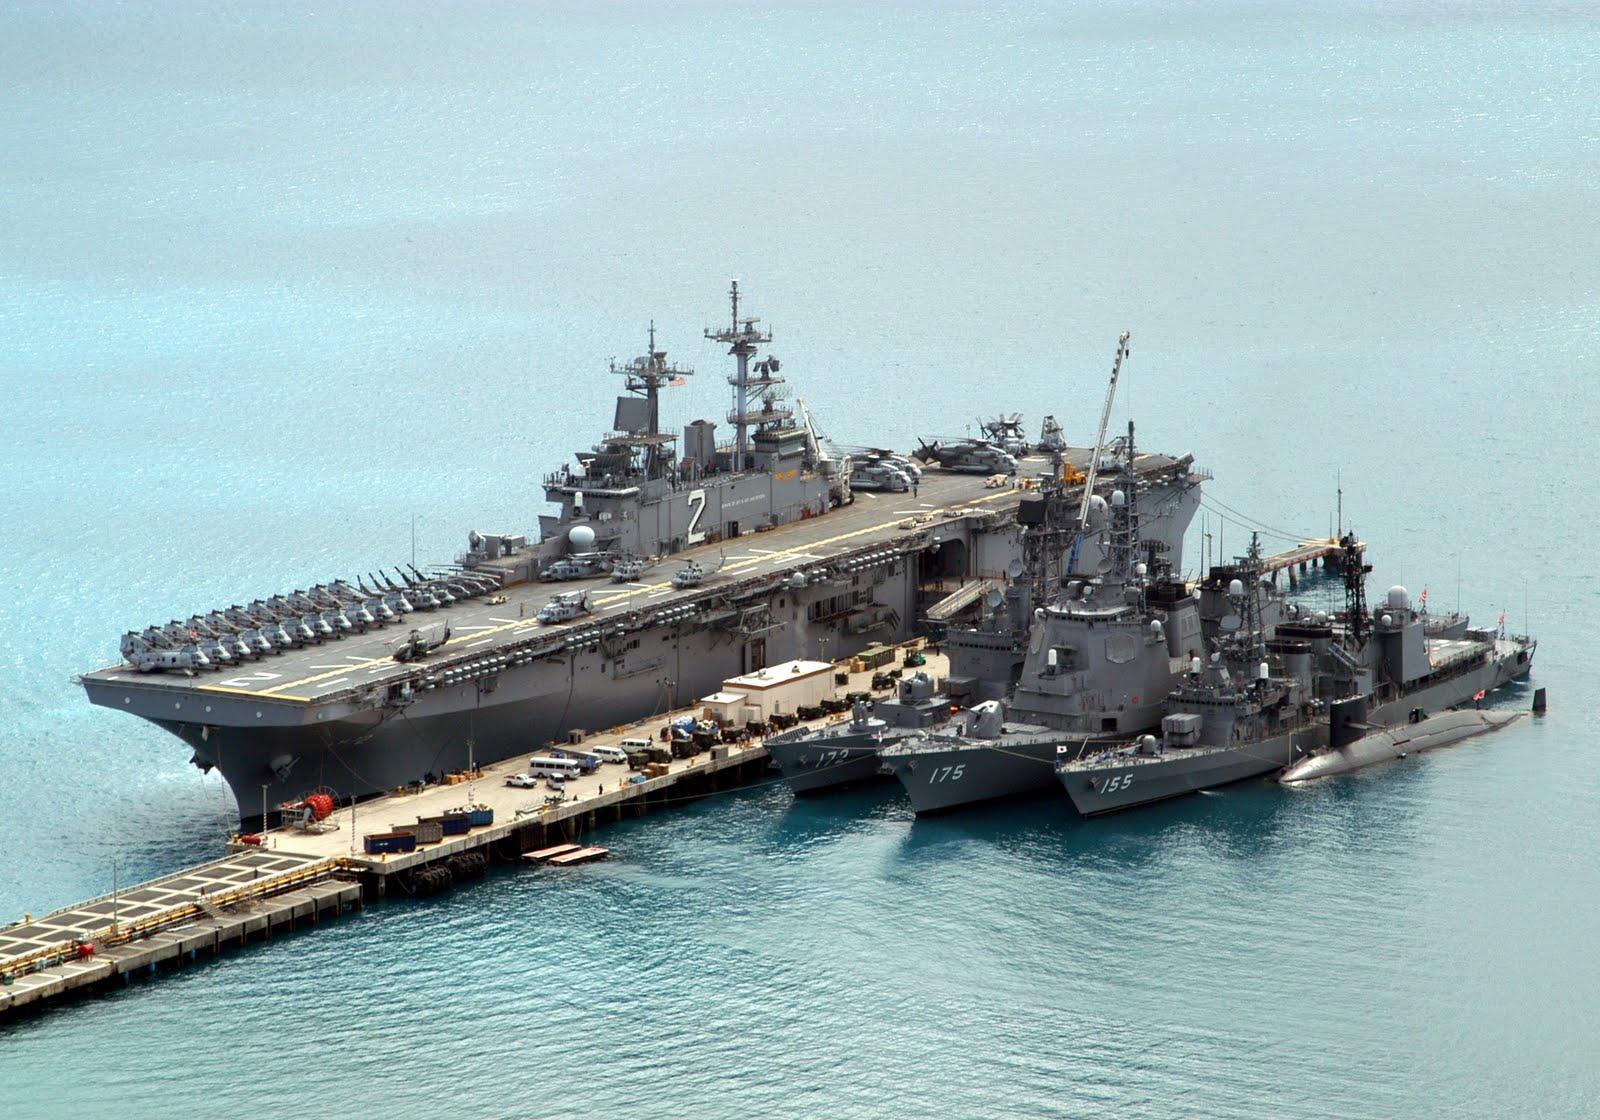 アメリカ海軍ホームページに見る海上自衛隊艦艇: DDG172 しまかぜ FFG175 みょうこう